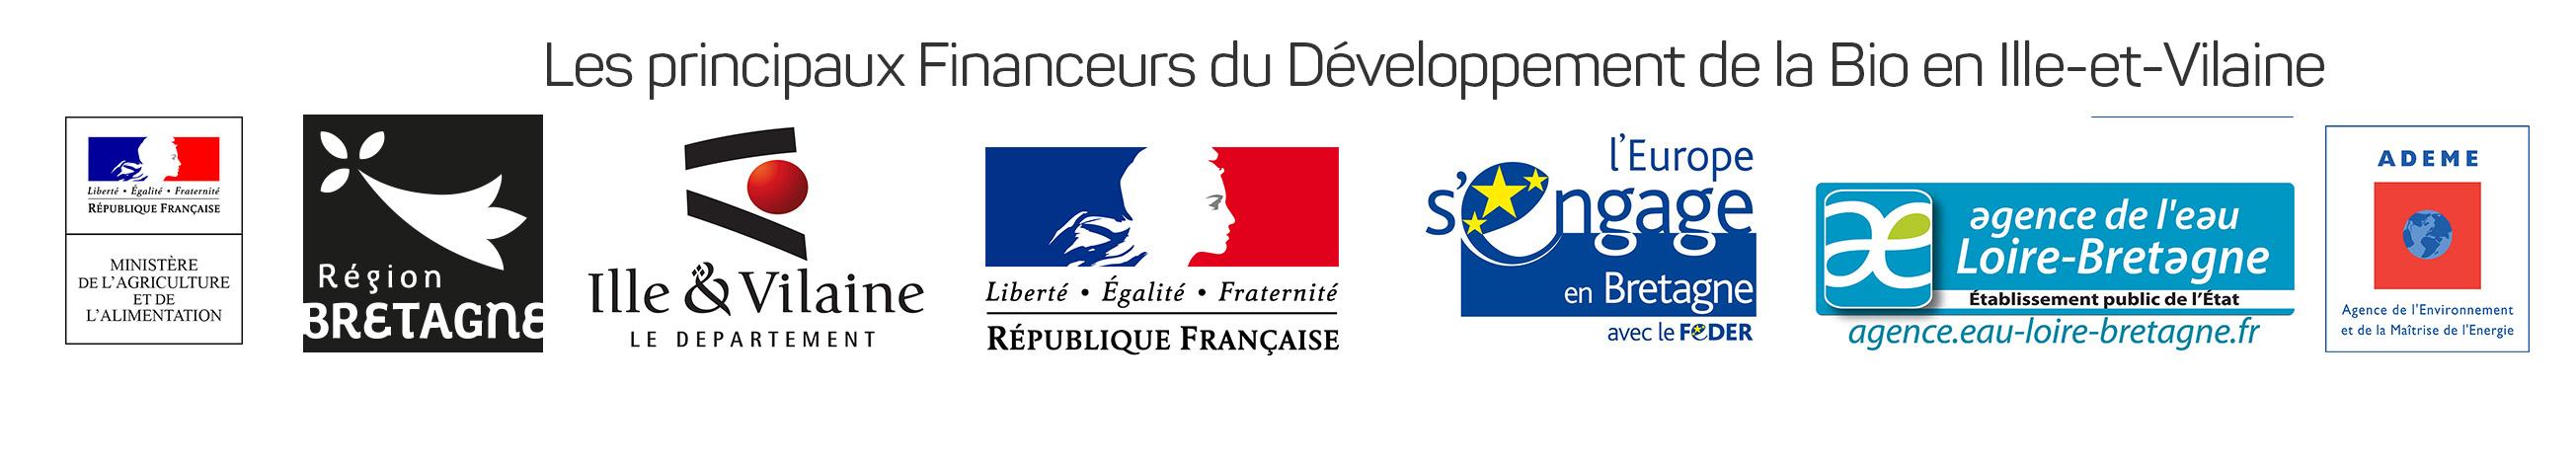 financeurs de                                                     la bio en                                                     Ille-et-Vilaine